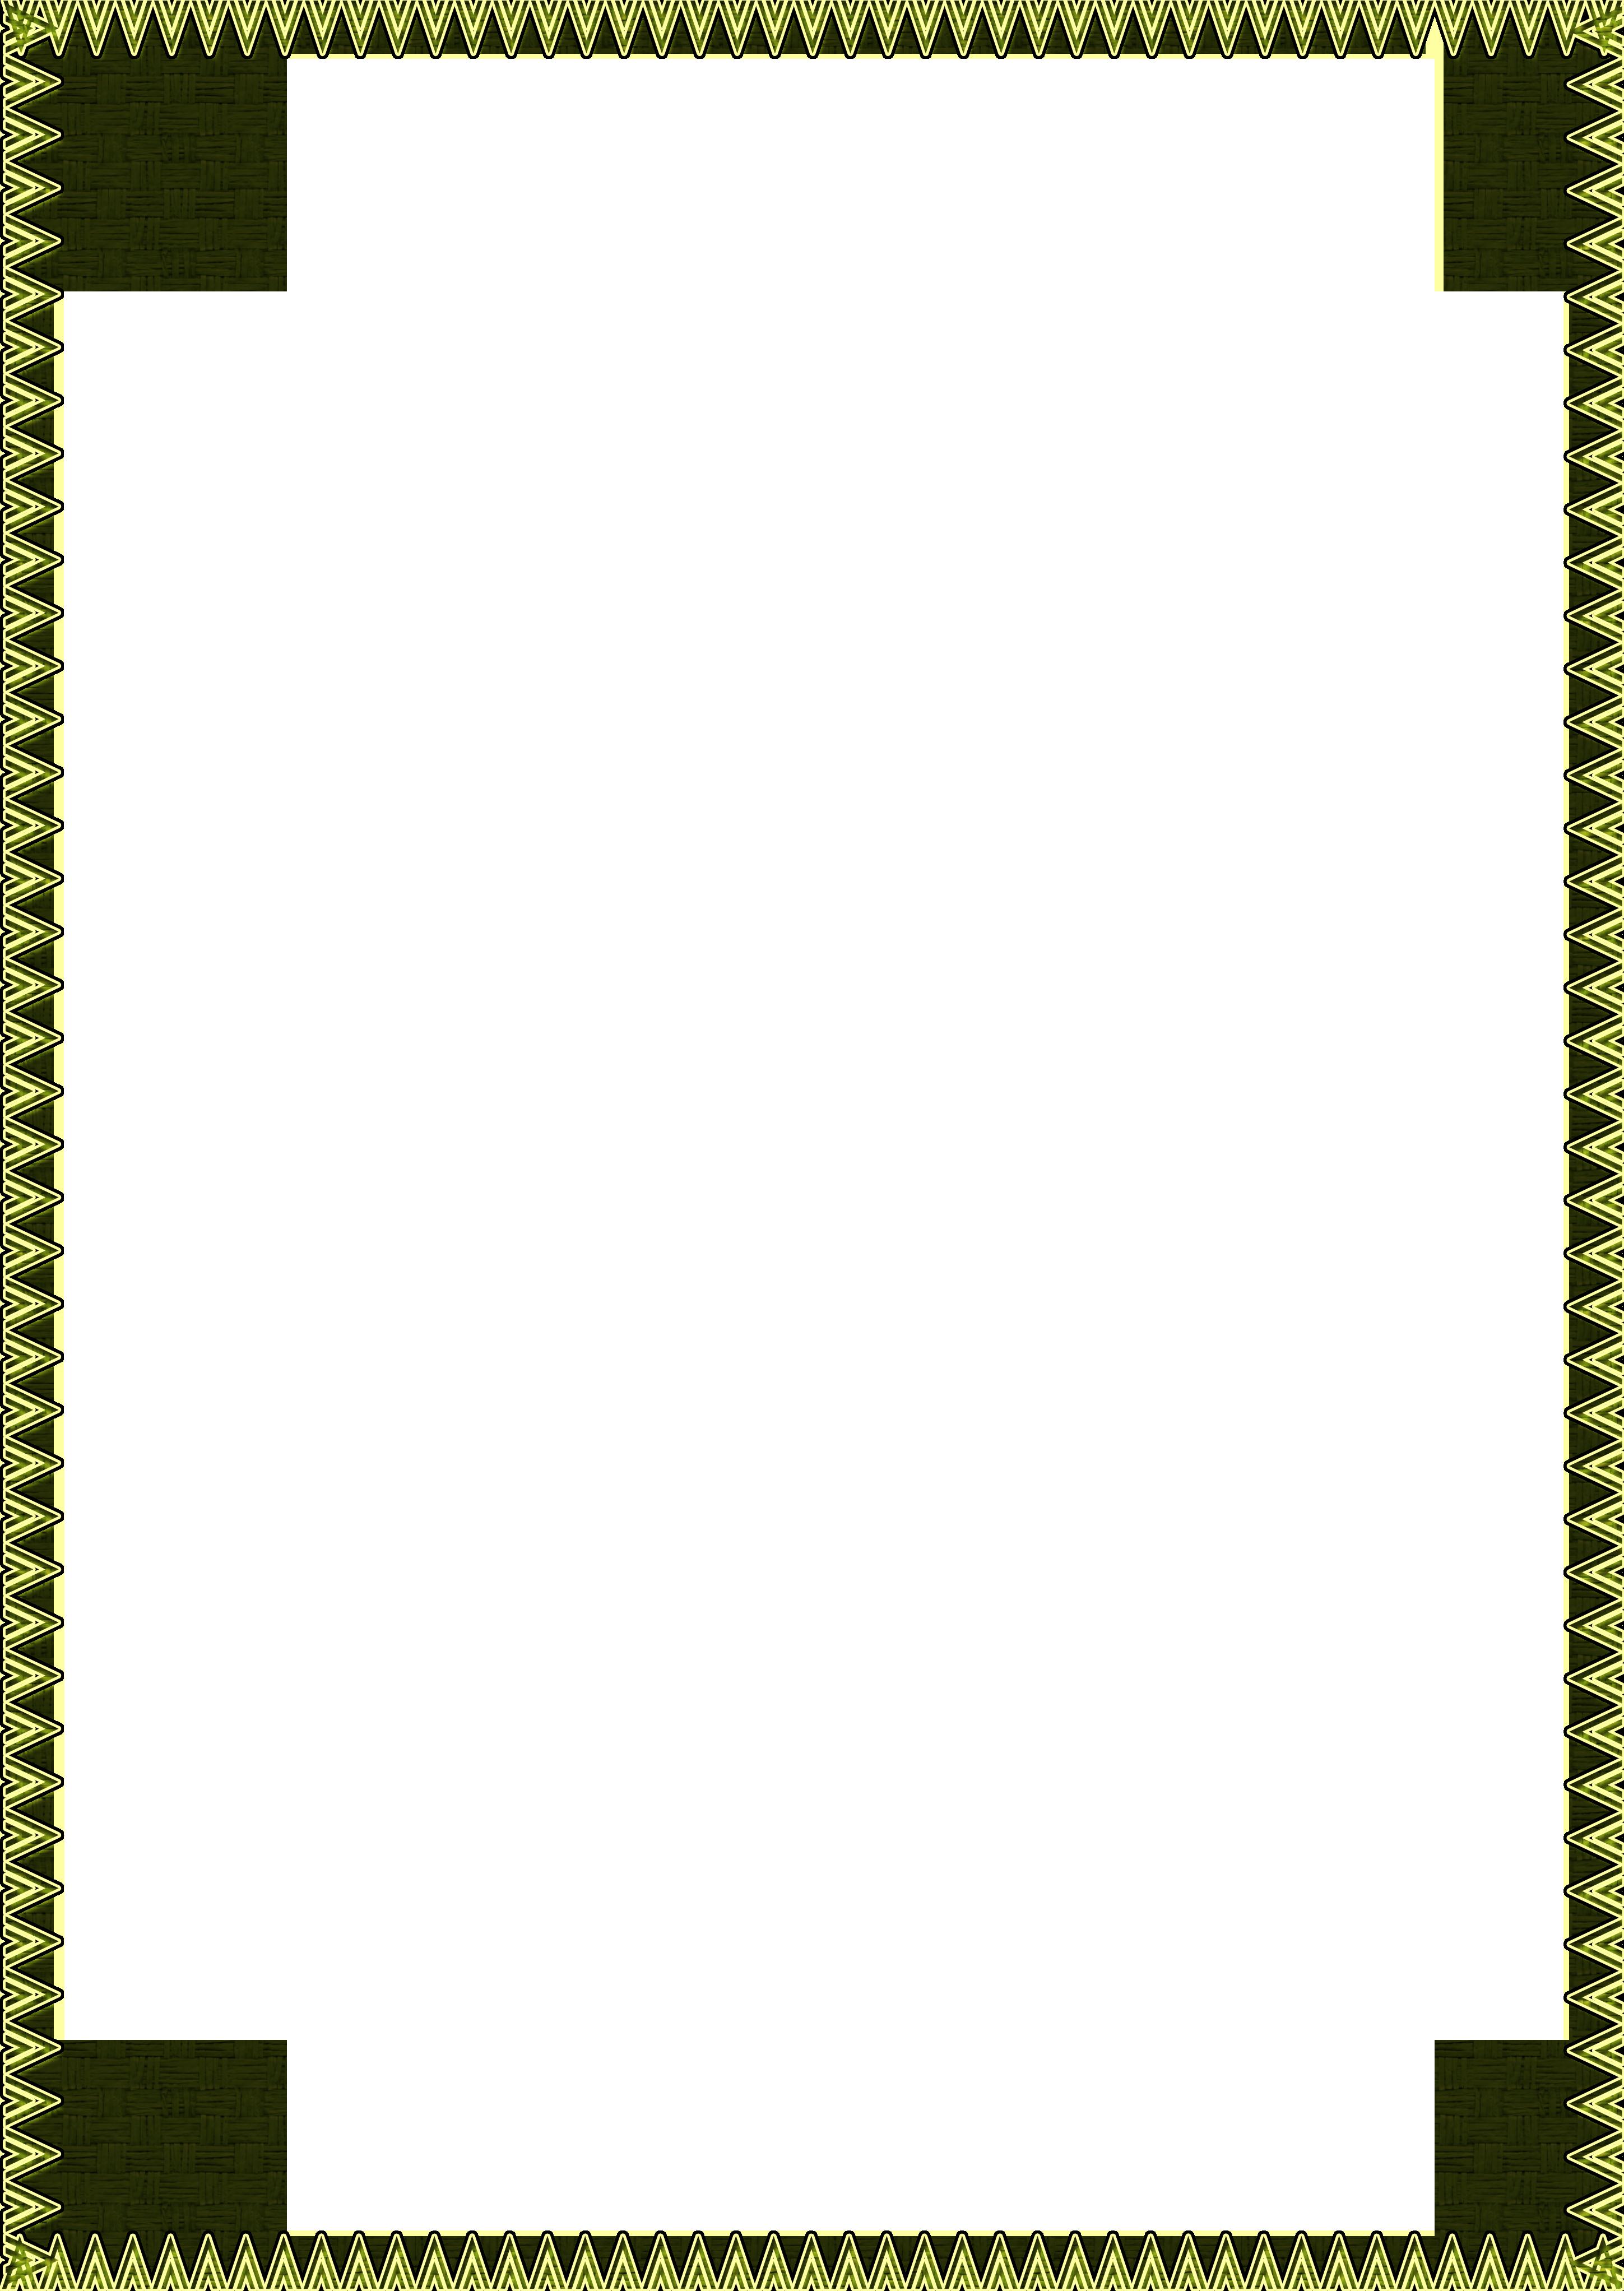 картинки буквы кирилица в векторе скачать бесплатно